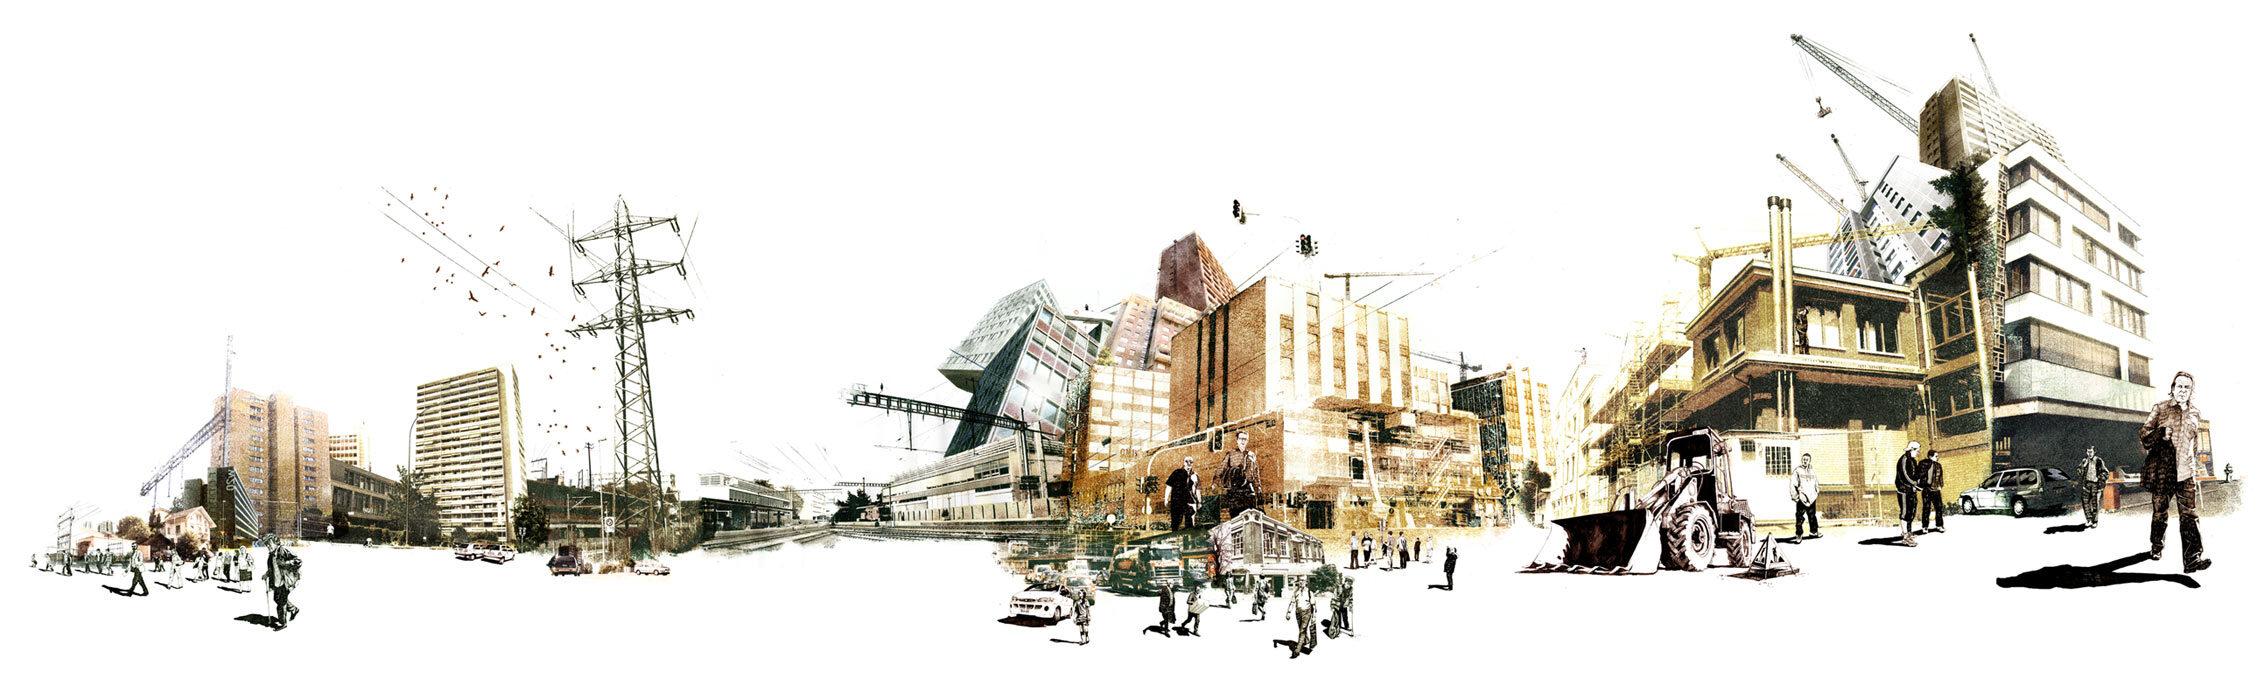 Mise en scène 1 - Kornel Illustration | Kornel Stadler portfolio